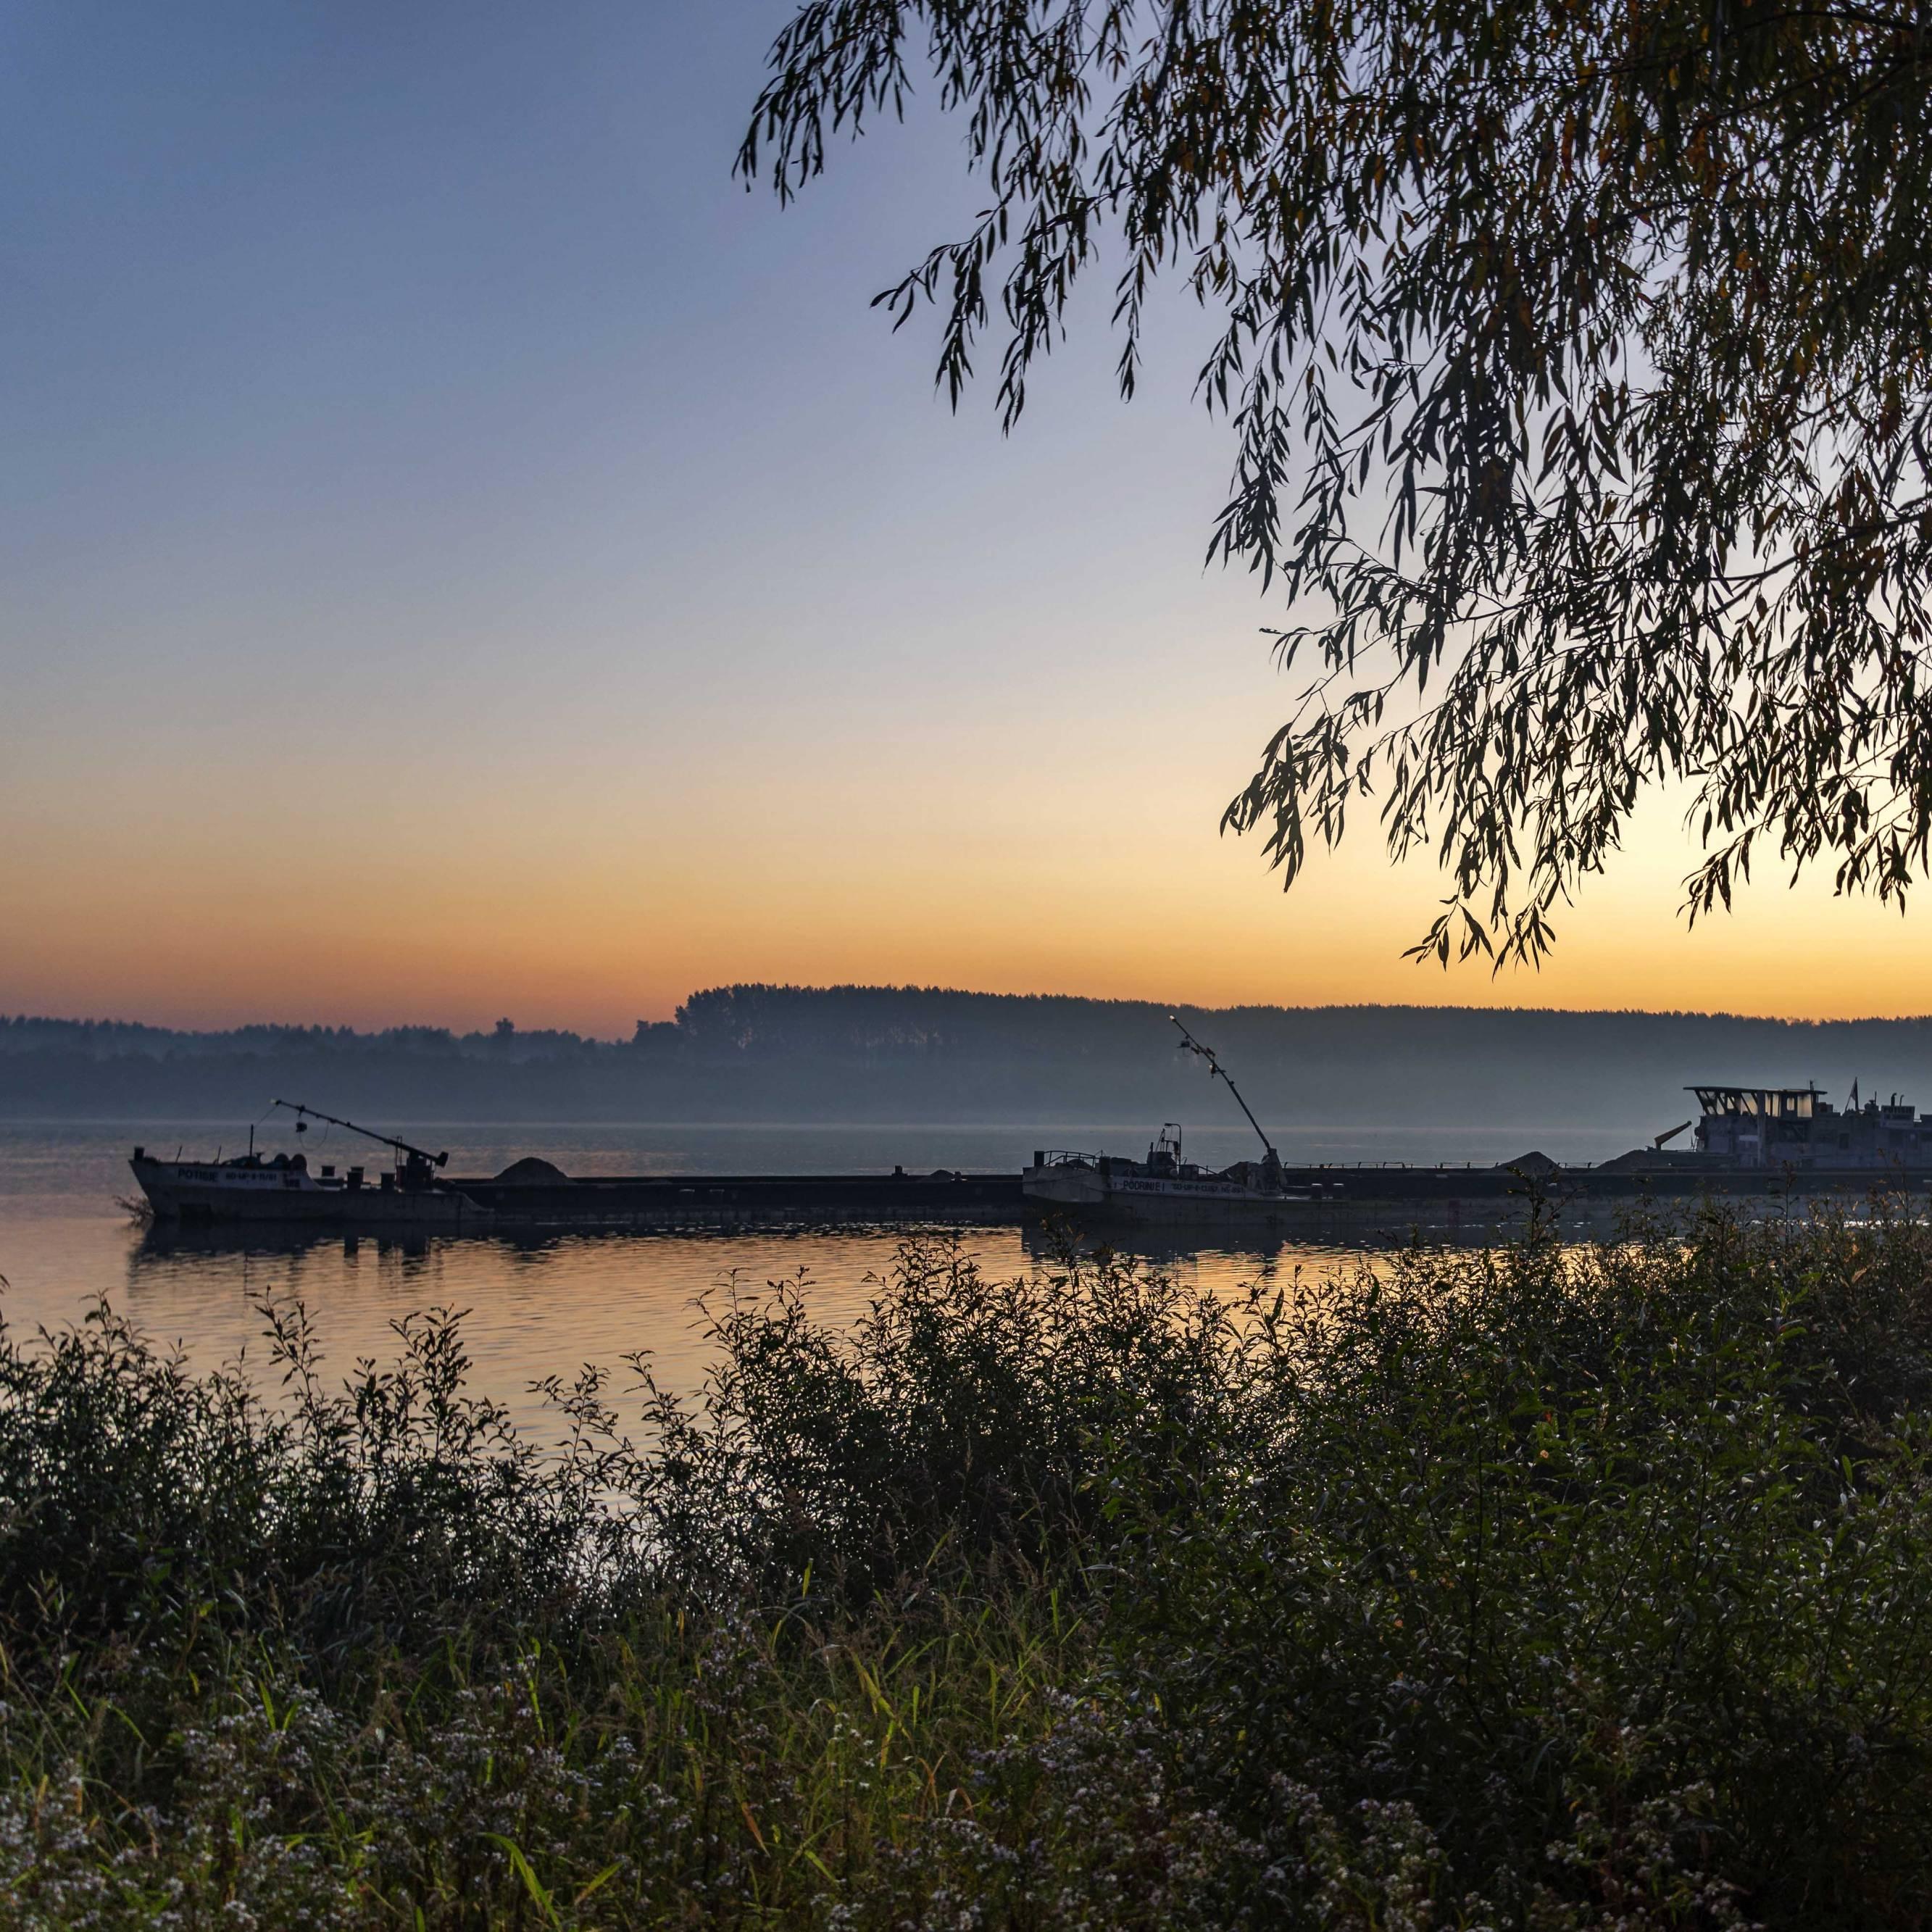 Sunrise at the river Donau in Serbia